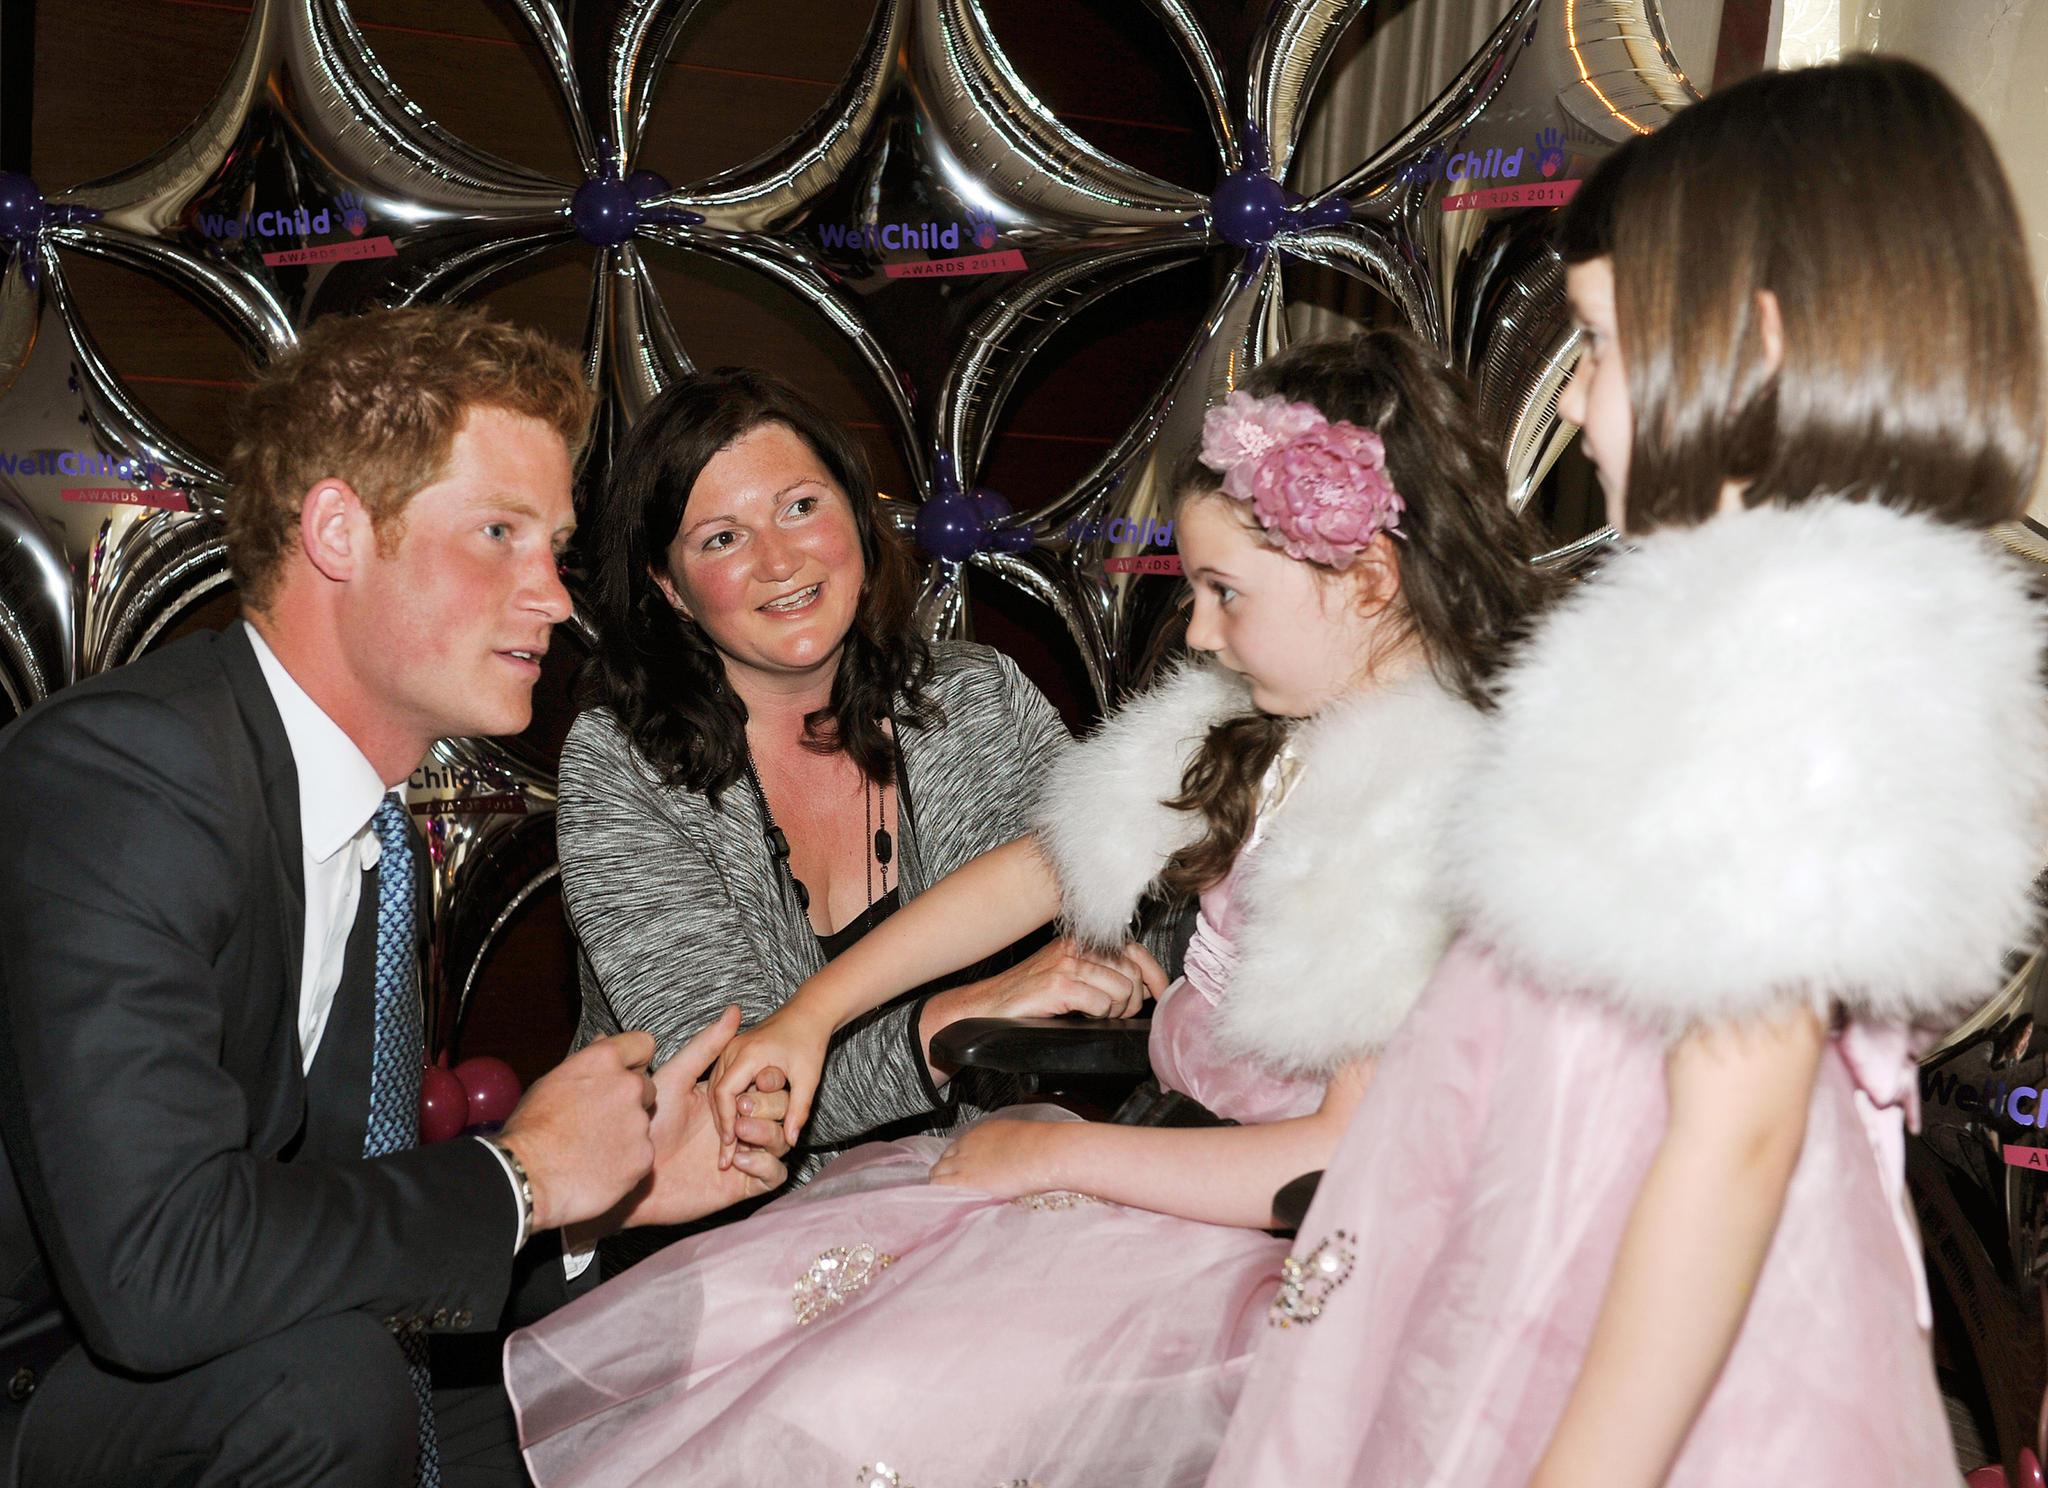 Für Szenen wie diese lieben Fans ihren Harry. Hier unterhält sich der damals 26-Jährige mit einem achtjährigen Mädchen im Rahmen einer Charity-Veranstaltung am 31. August 2011 in London